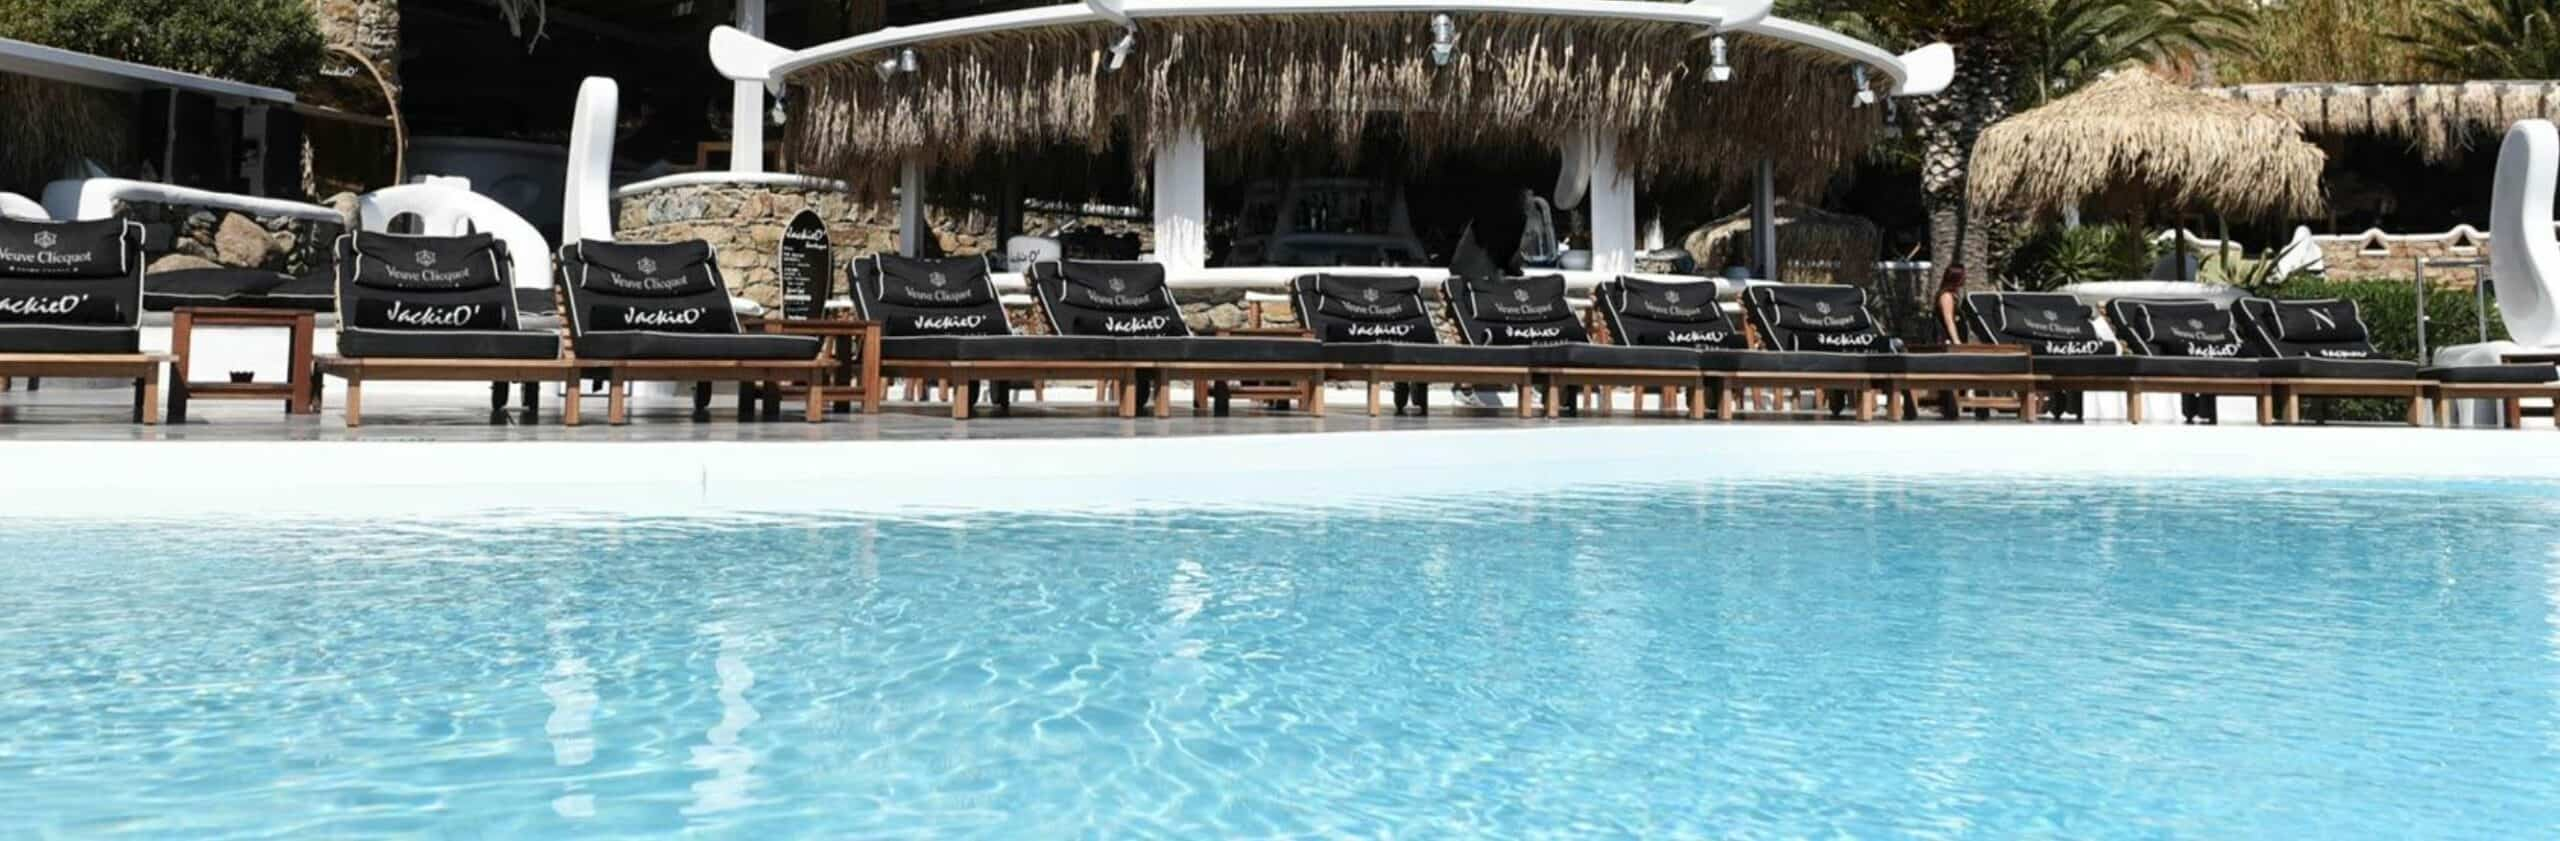 JackieO 'Beach Club @ Super Paradise